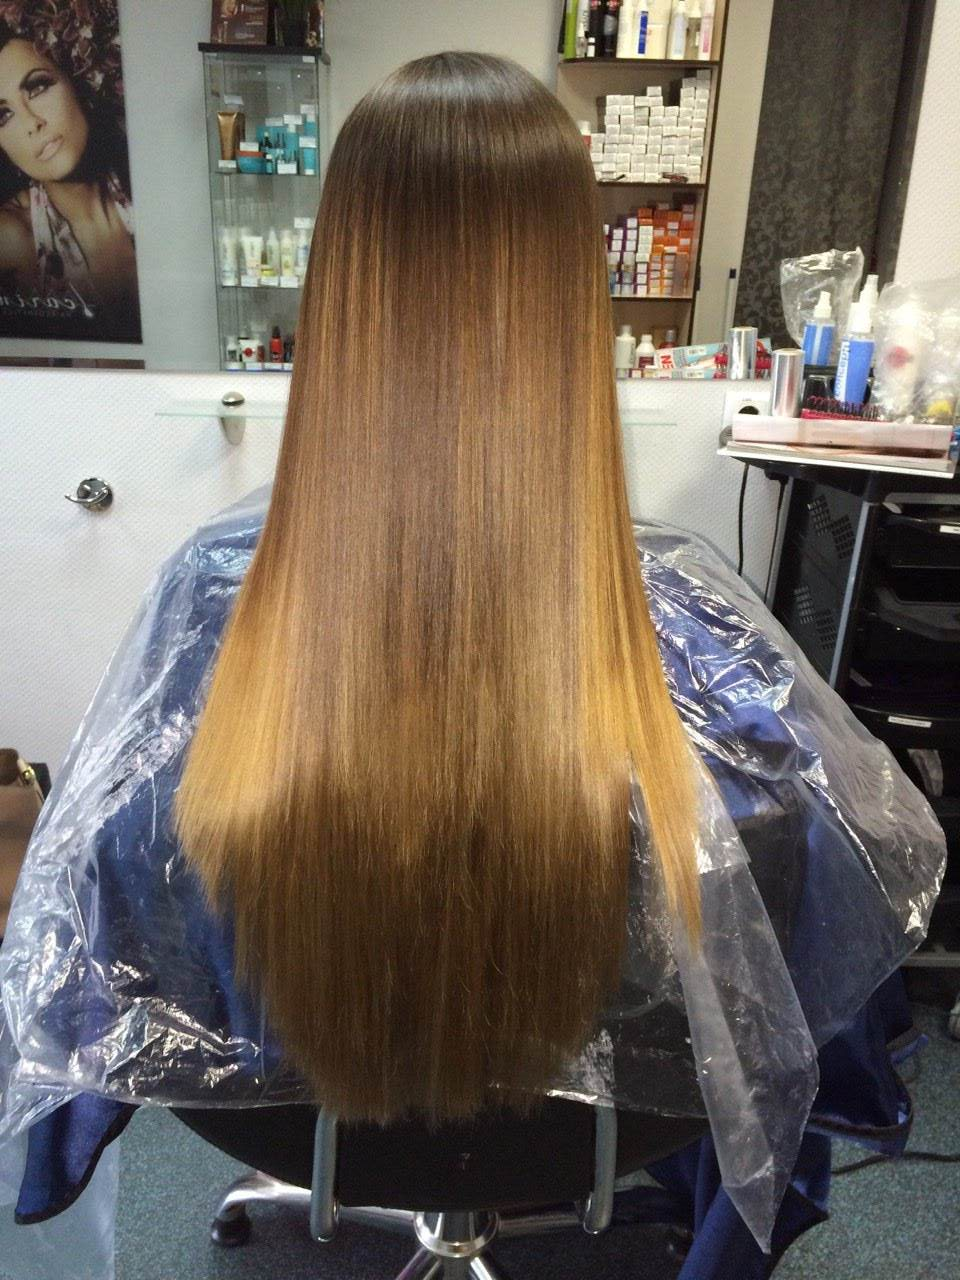 Шатуш, брондирование, airtouch, глазирование, окрашивание волос от 29 руб. + уход!